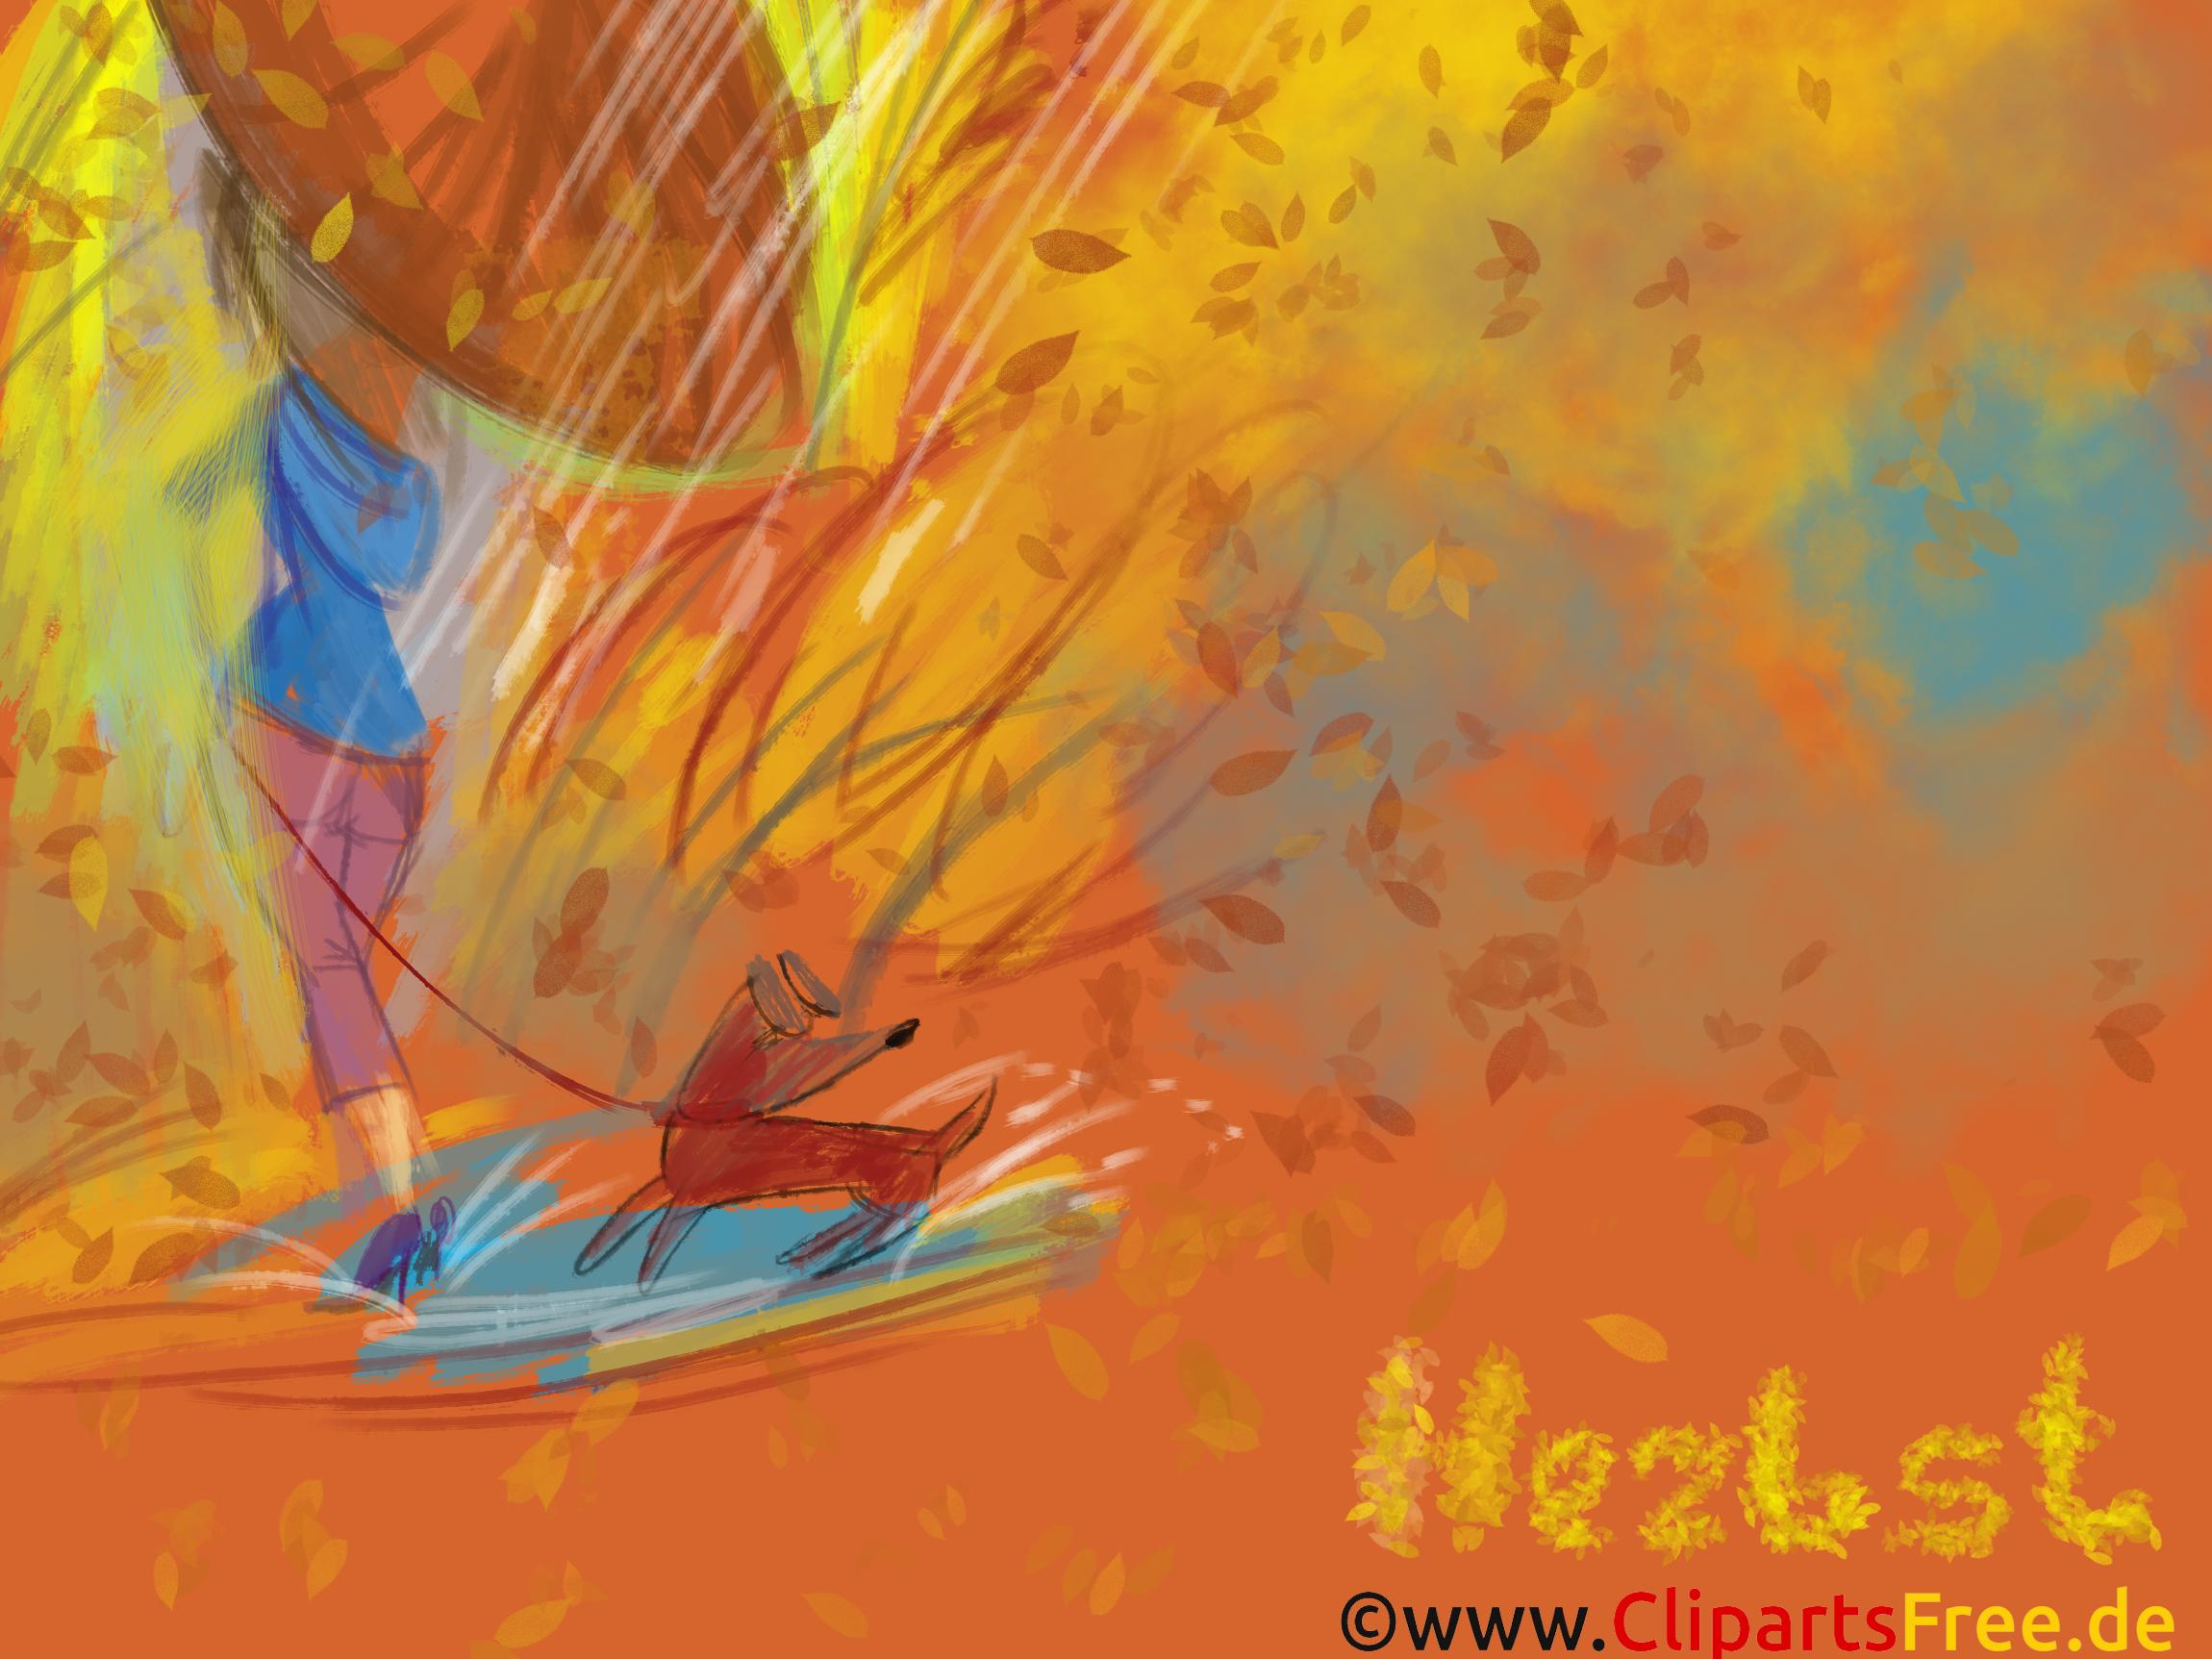 Hintergrundbilder abstrakt in Gold, Gelb, Orangefarben